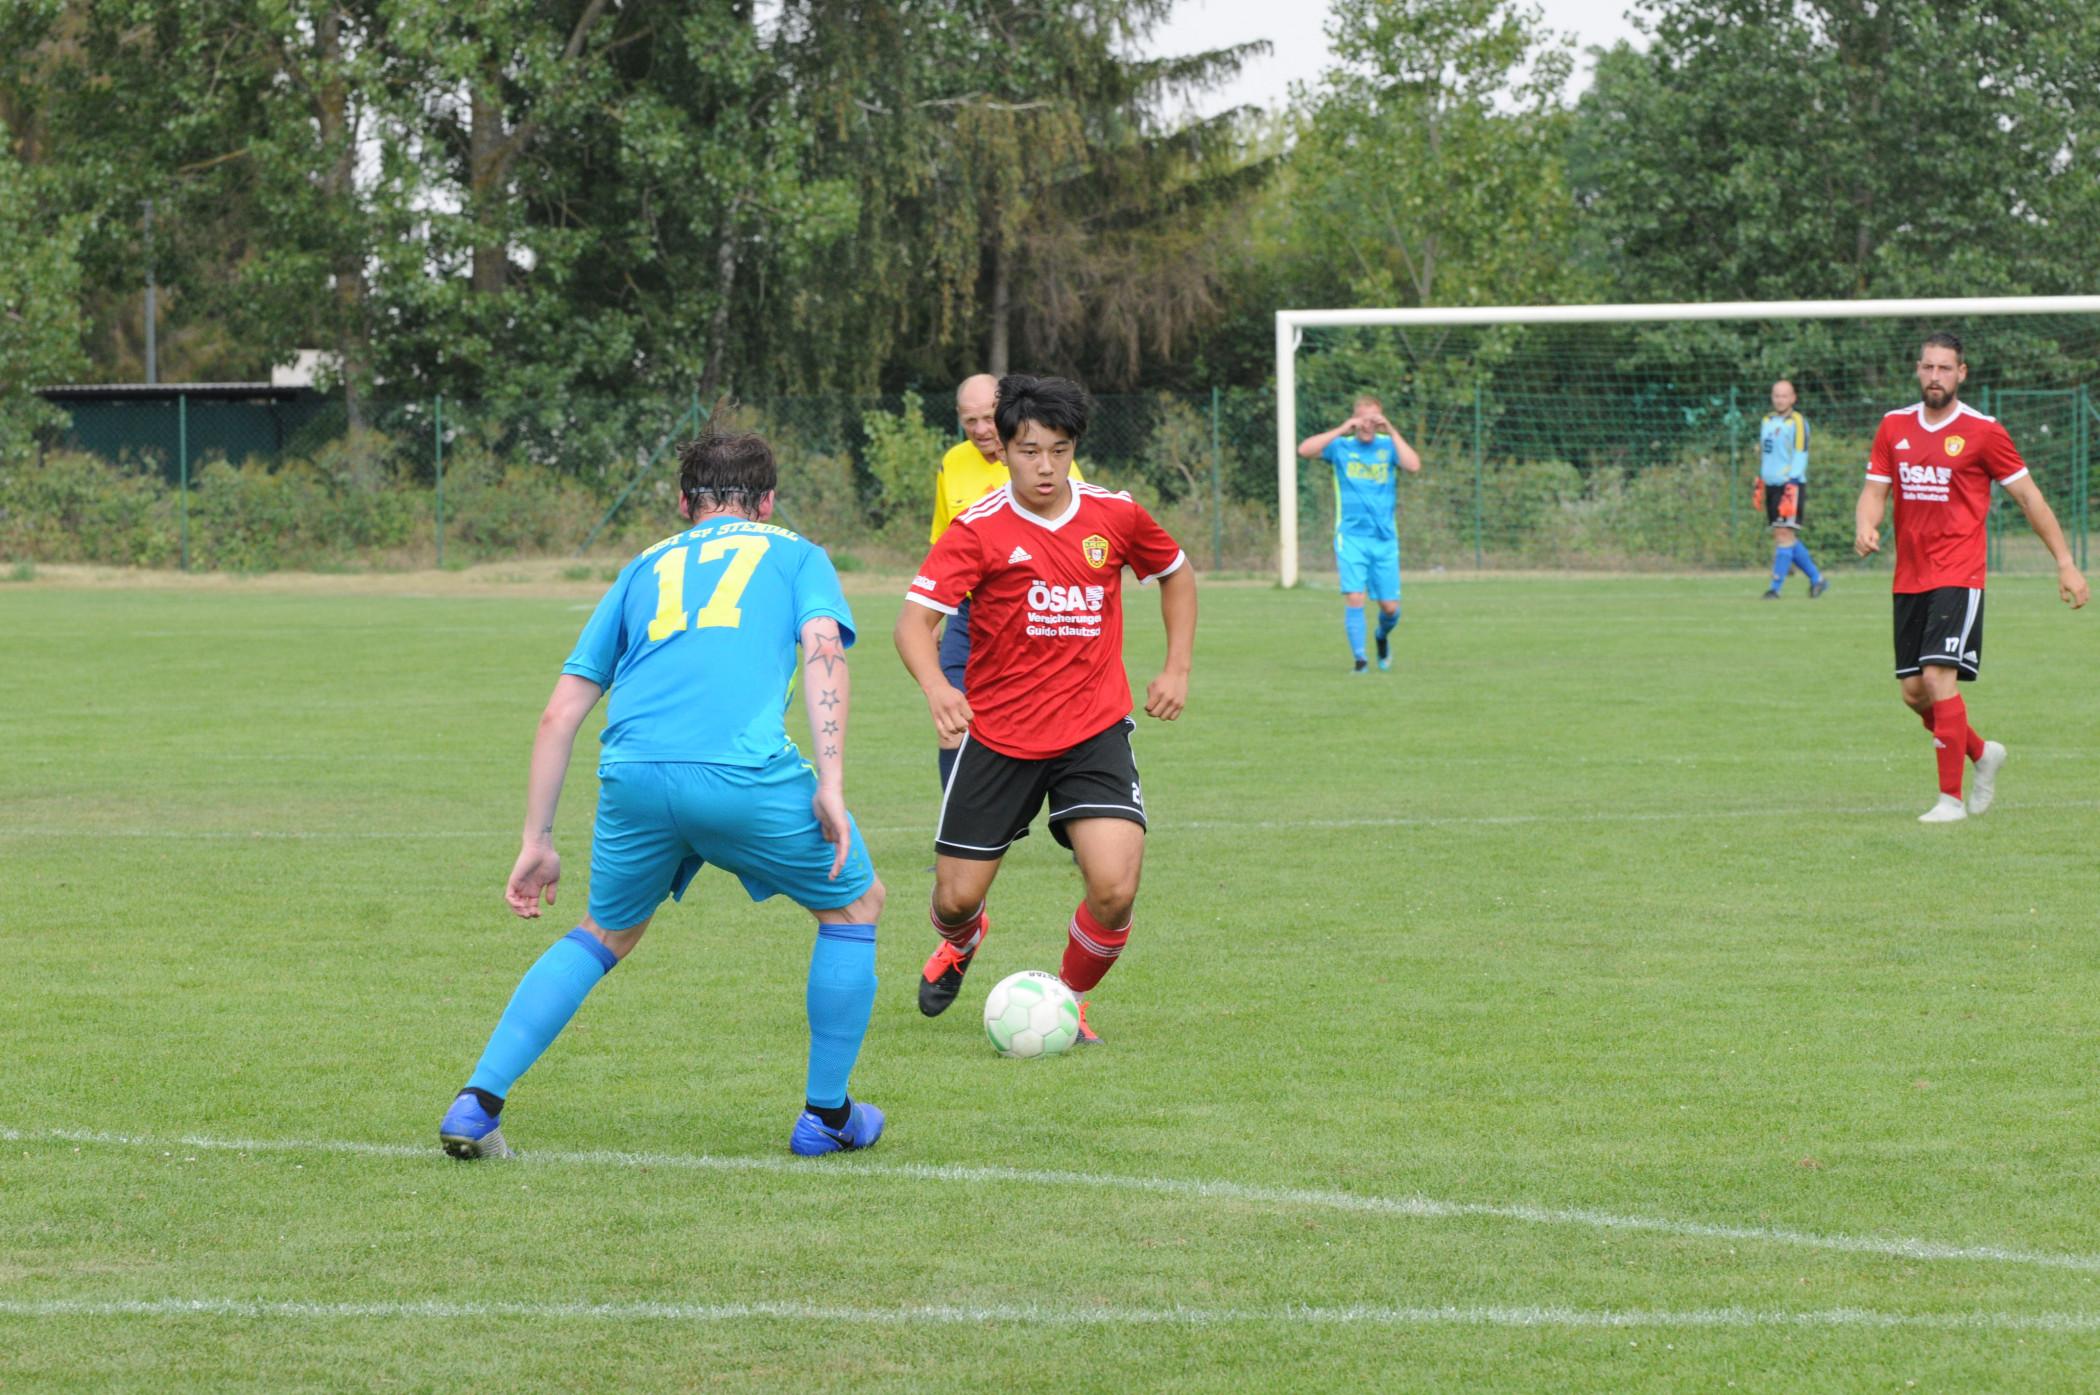 Testspiel #ZweiteMänner - 1. FC Lok Stendal